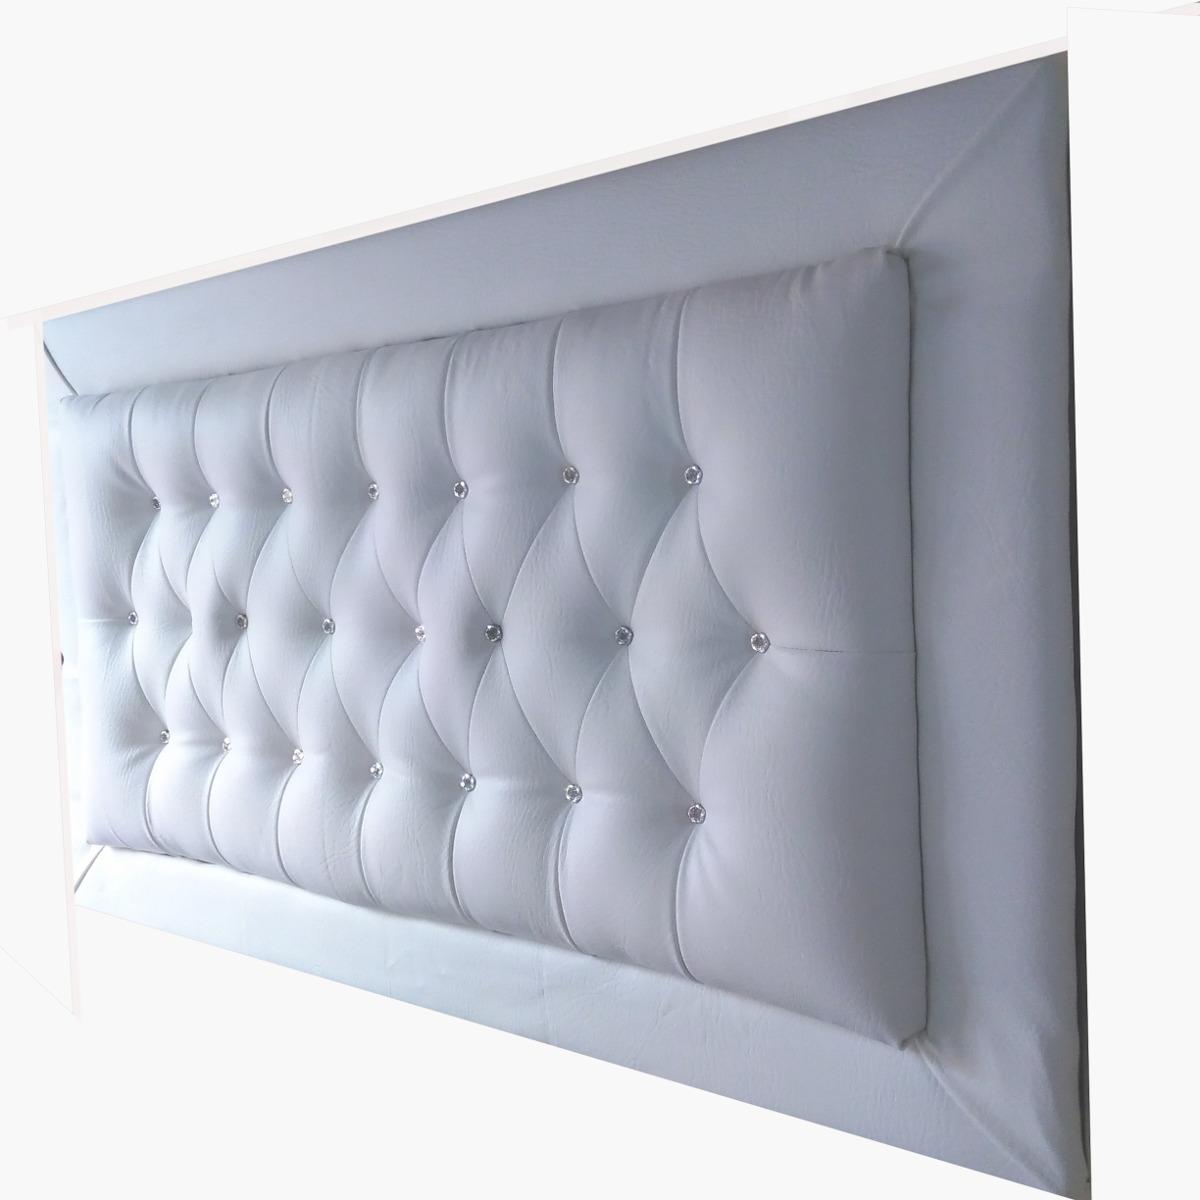 Cabecero espaldar para base cama medell n en mercado libre - Telas para cabeceros de cama ...